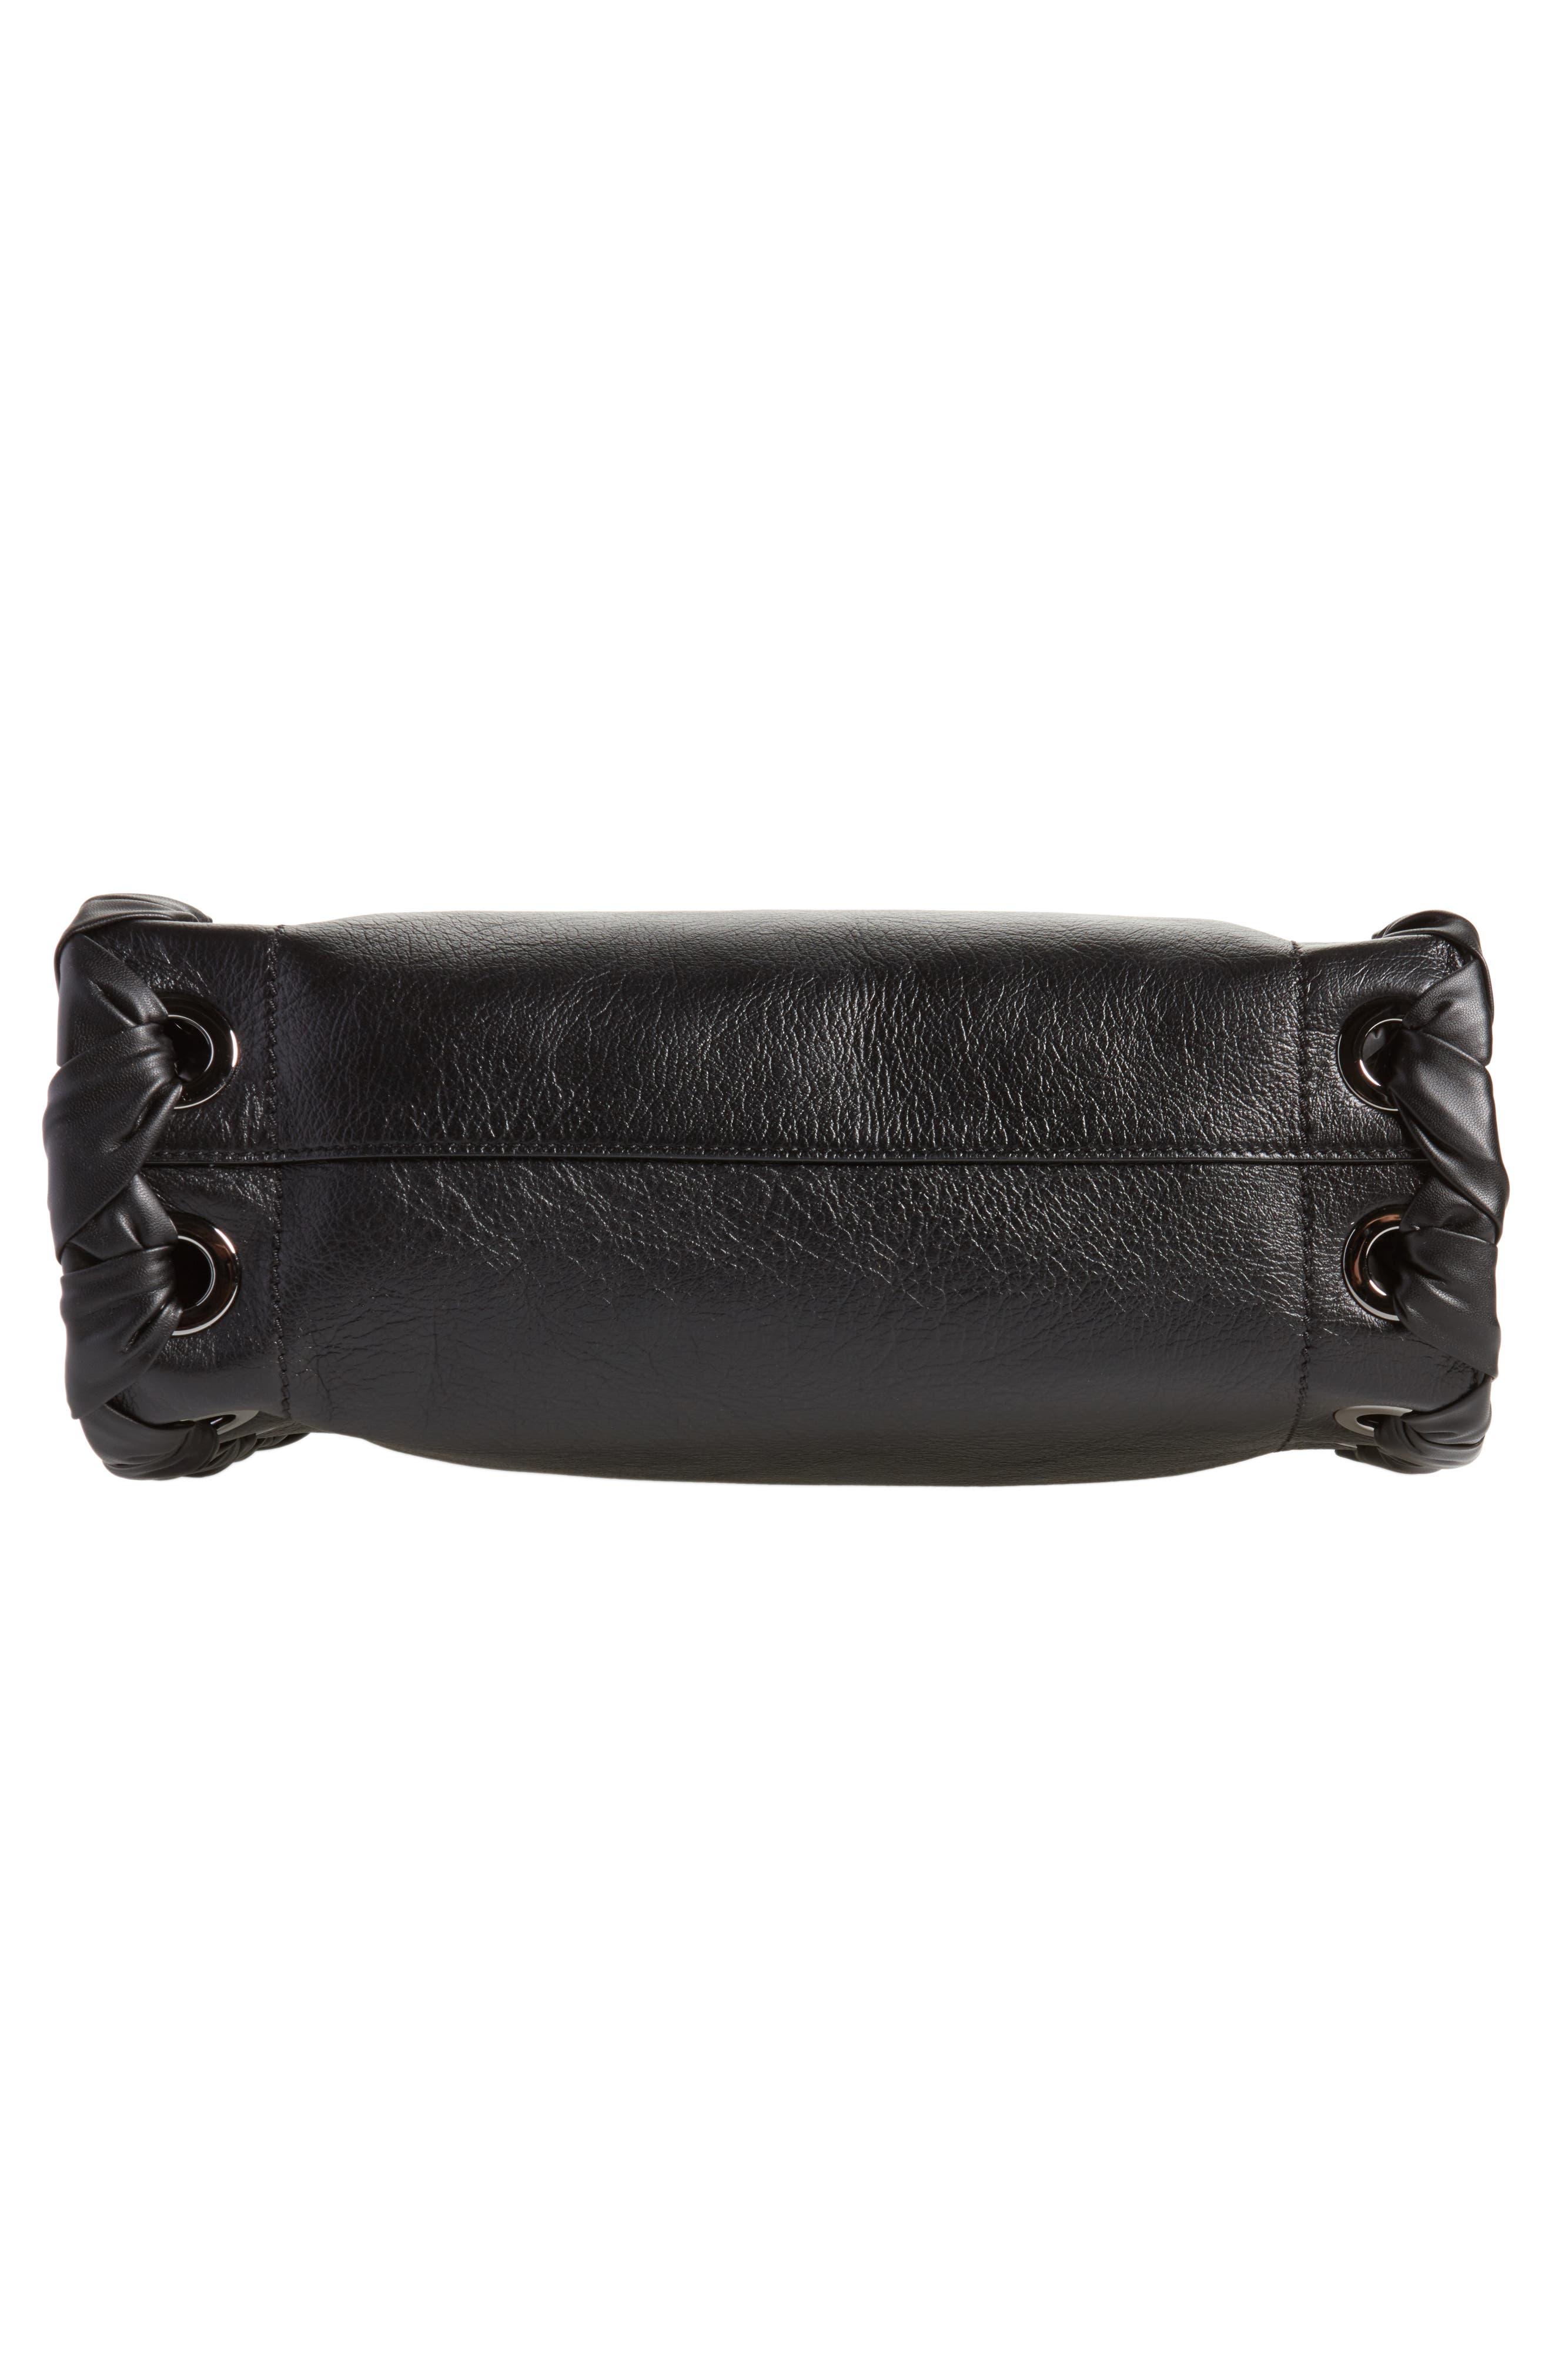 Rebel Leather Shoulder Bag,                             Alternate thumbnail 6, color,                             010